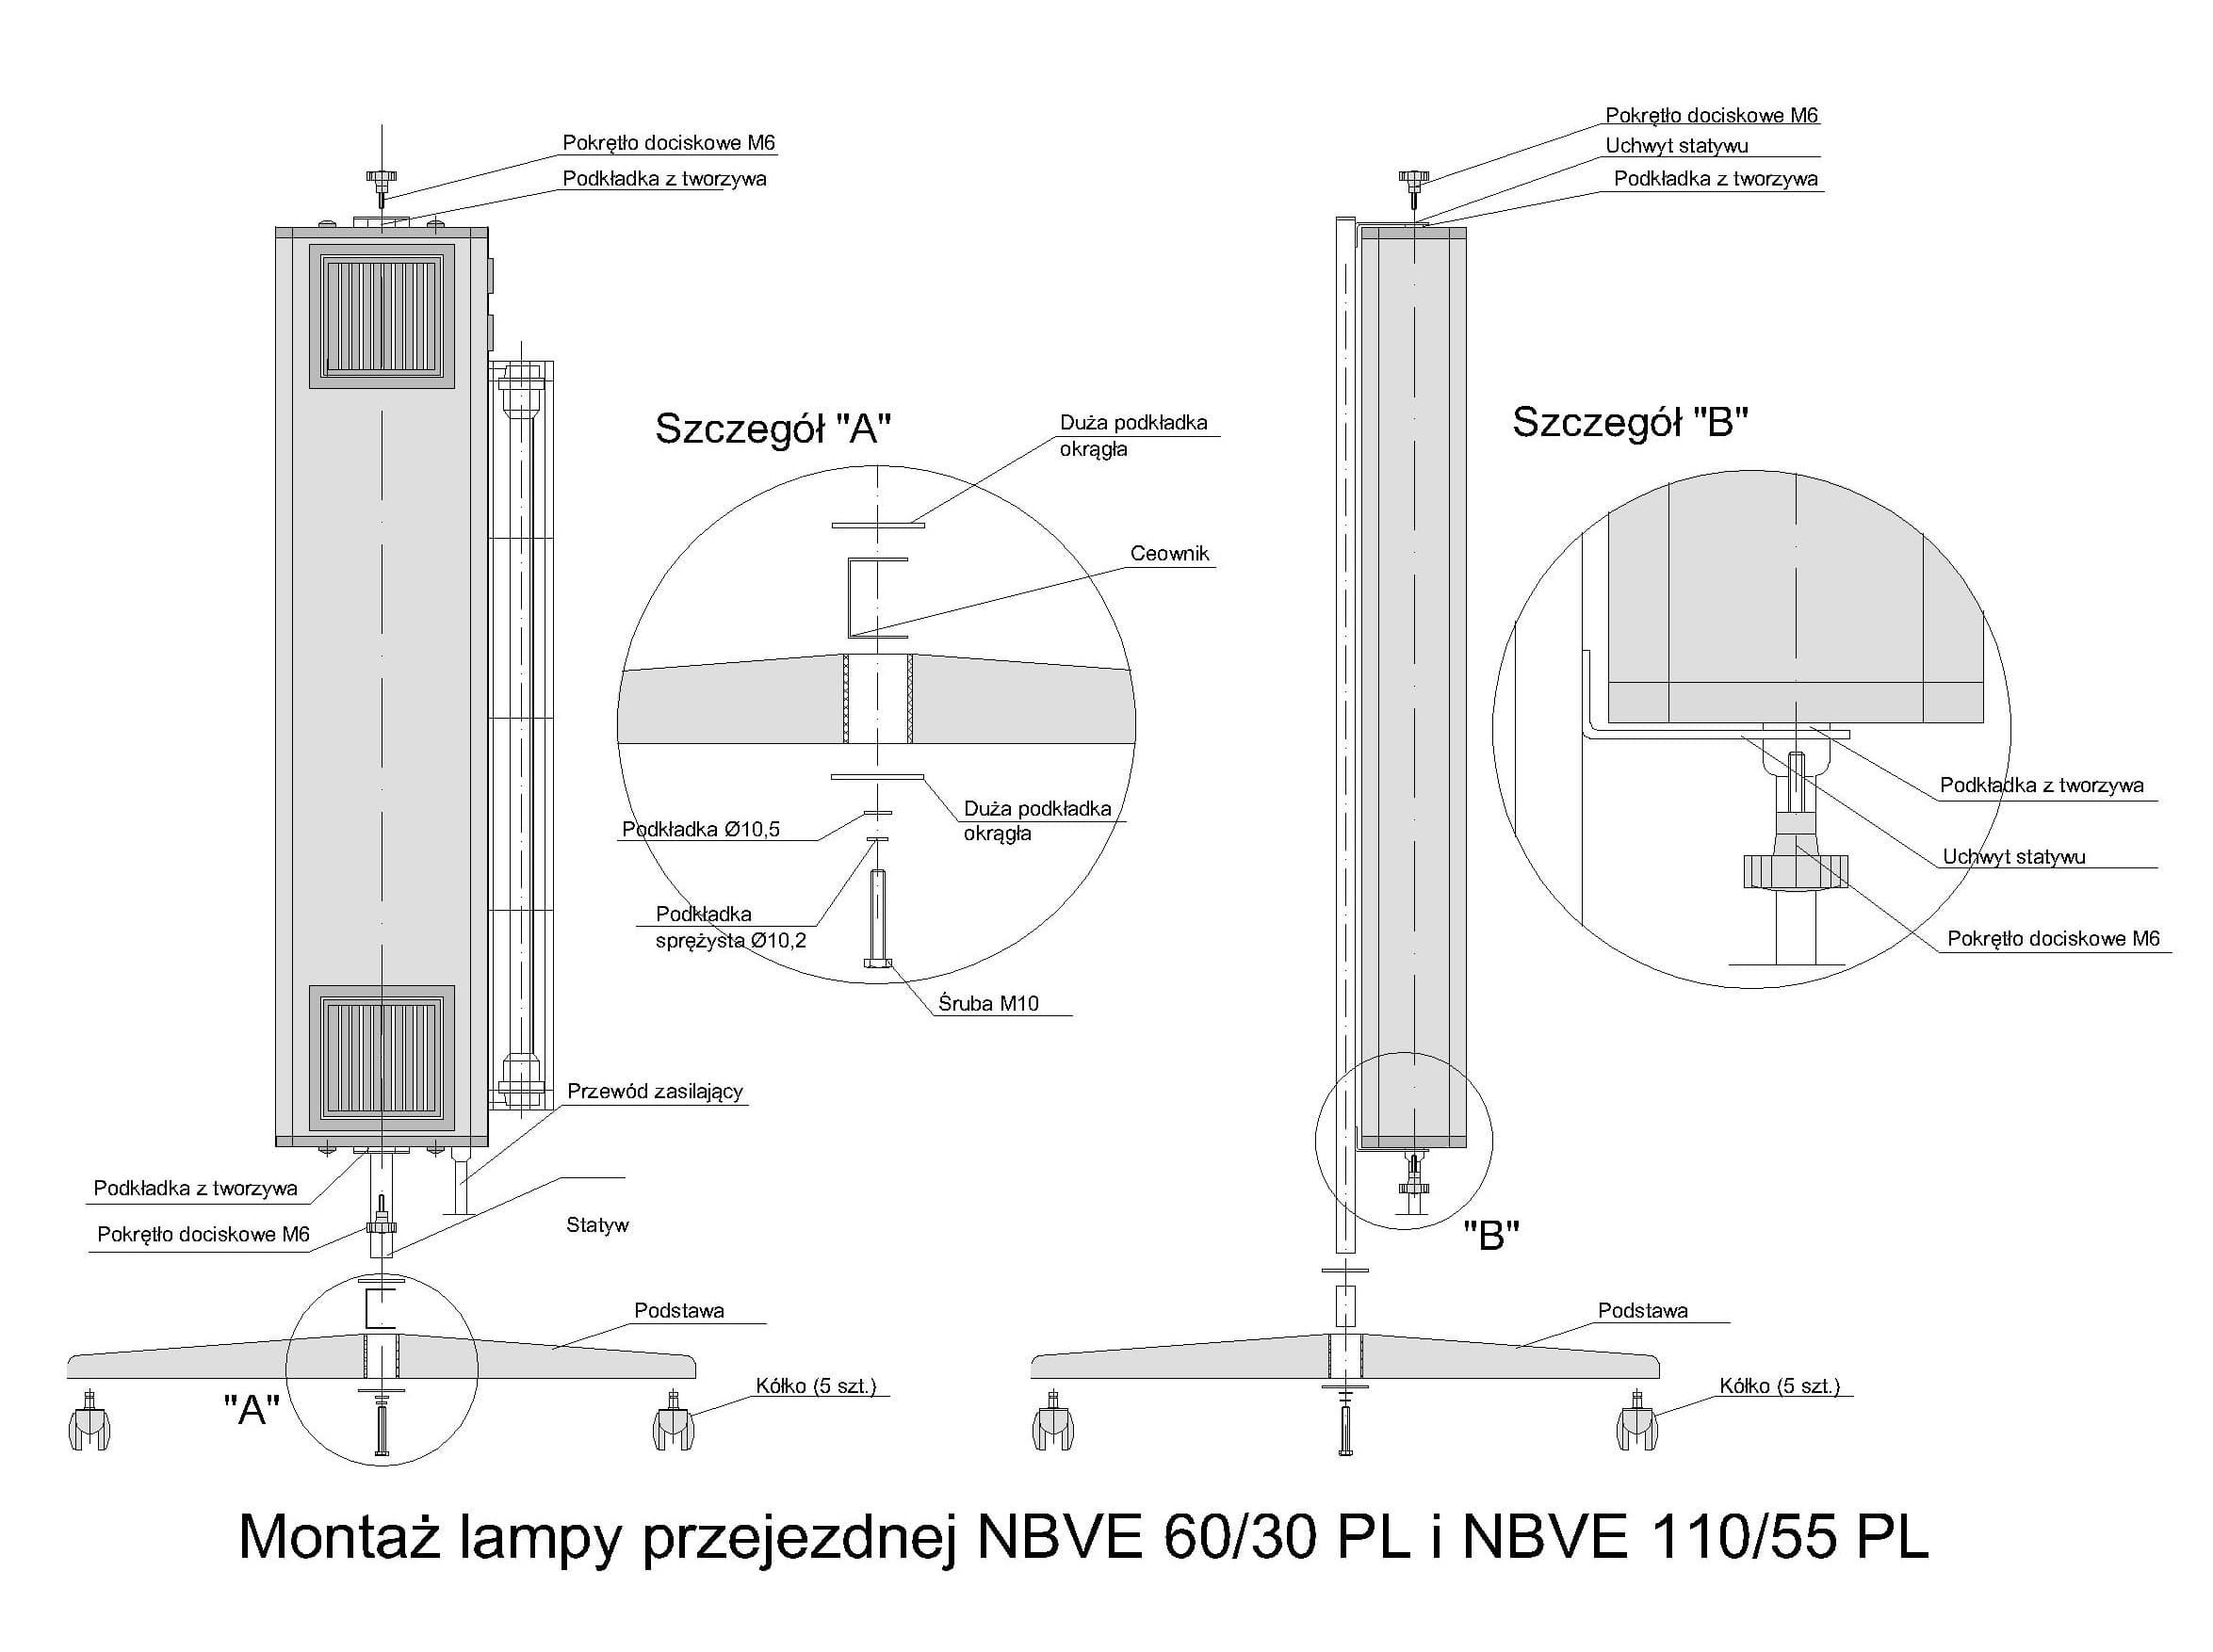 Schemat montażu lampy NBVE na statywie